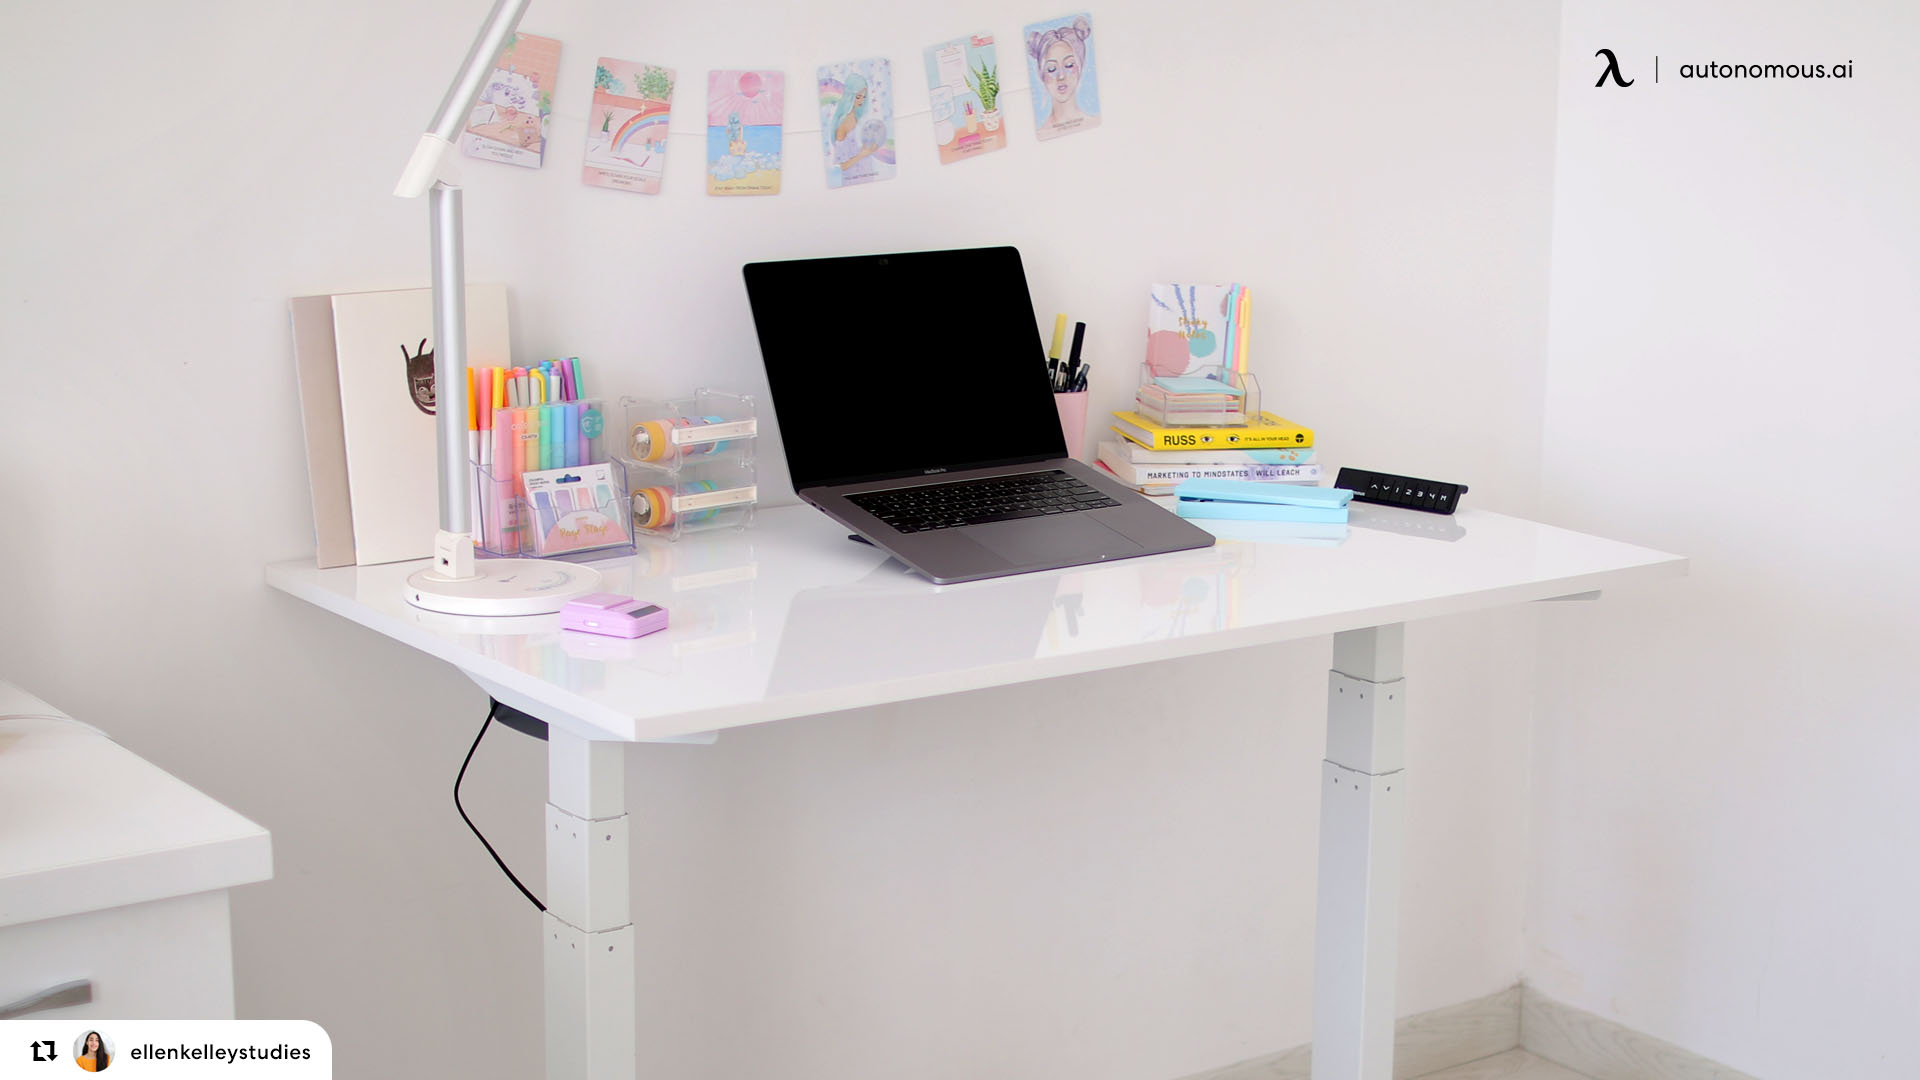 Best ergonomic writer's desk